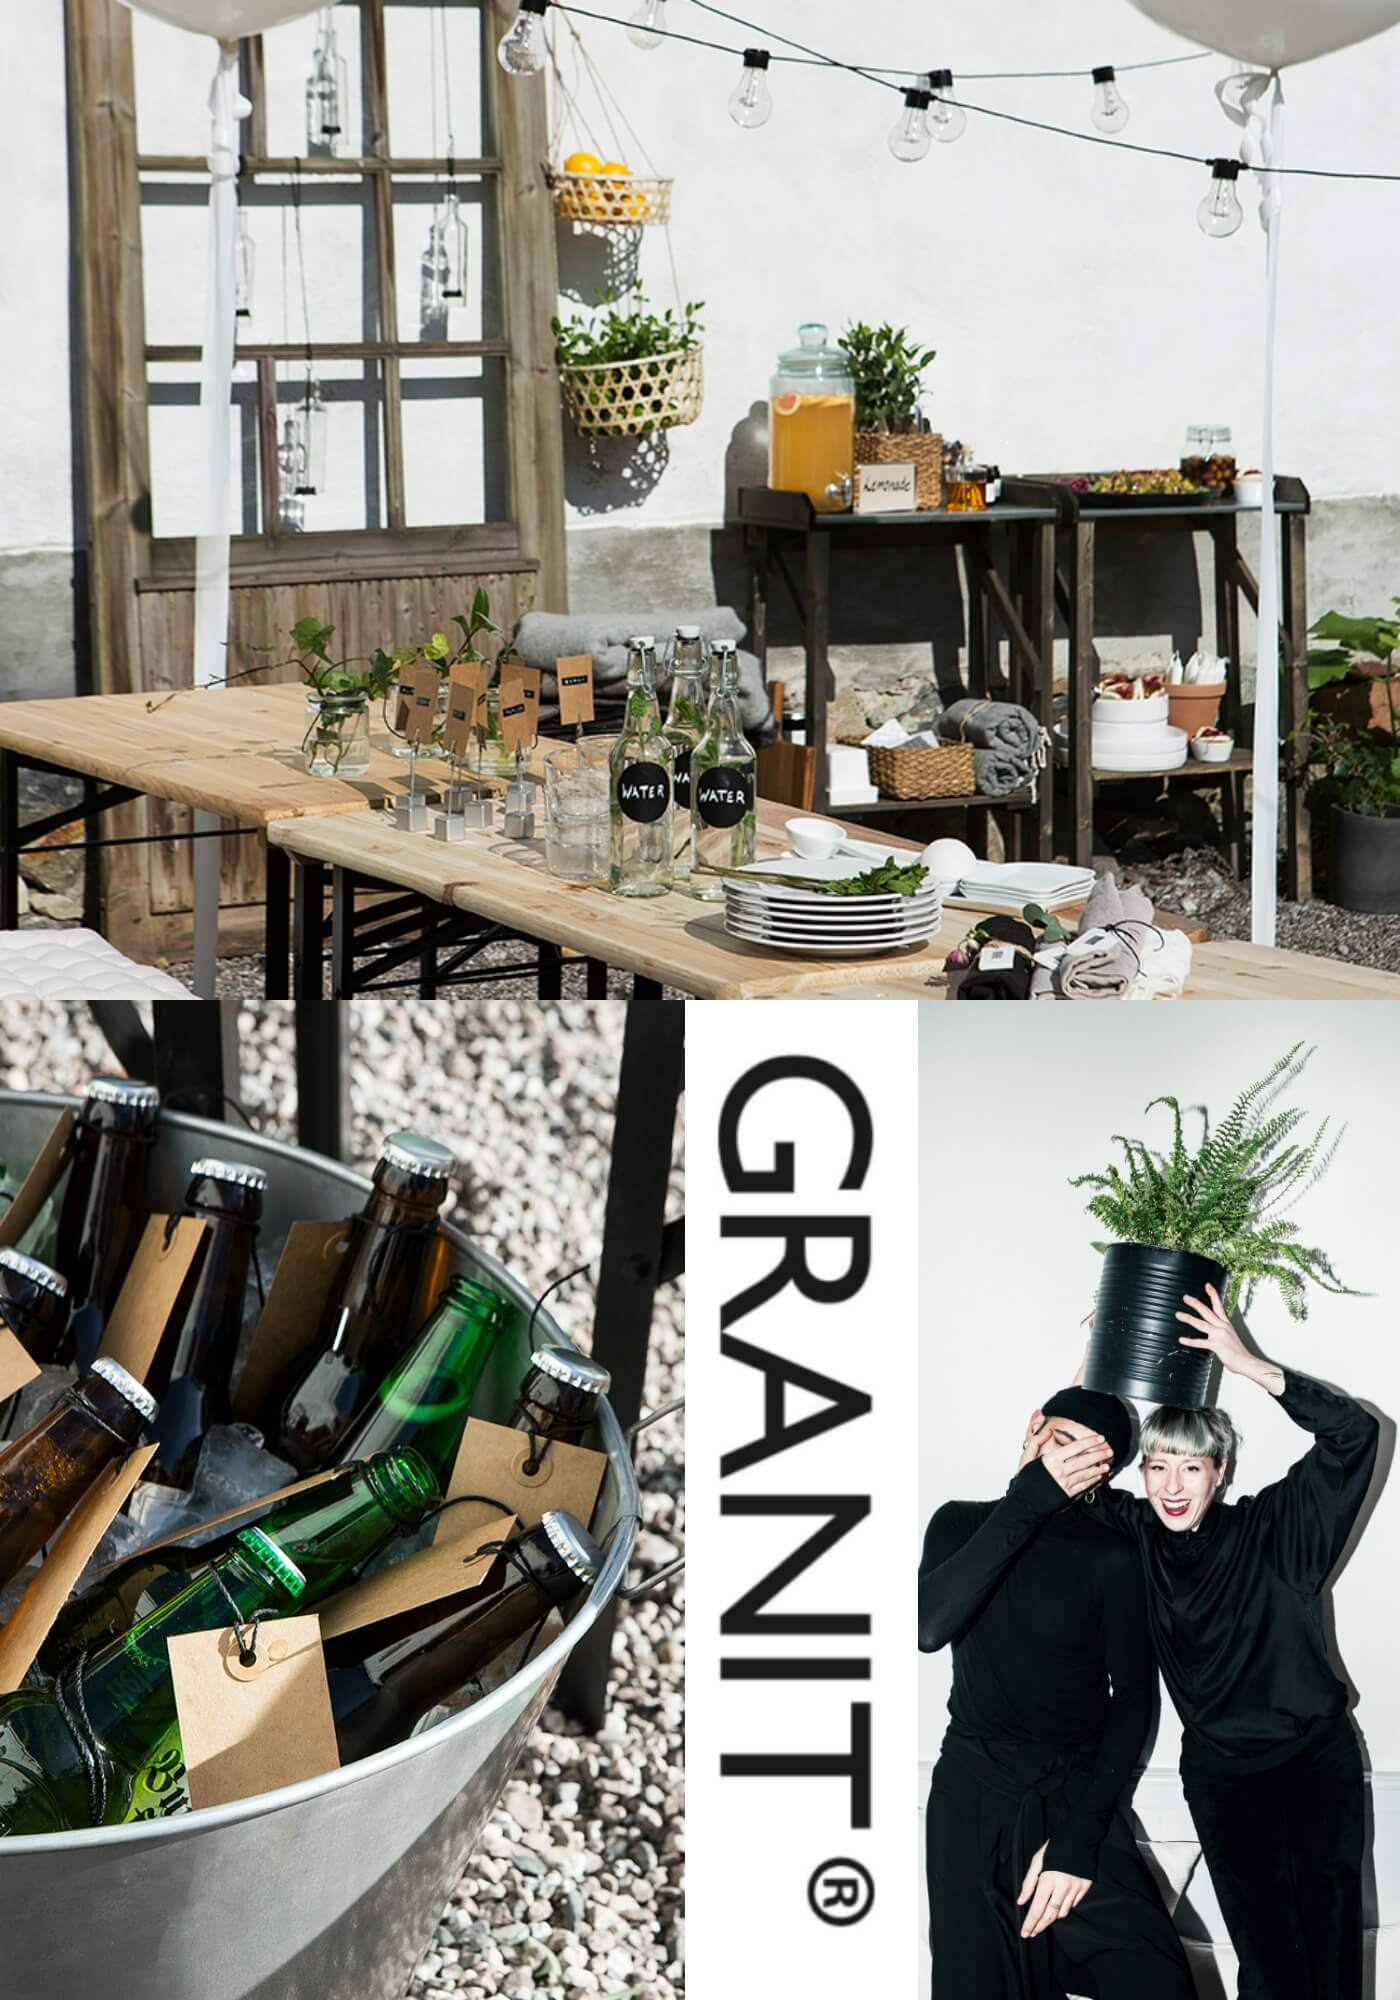 der interieur shop granit wird 20 um das zu feiern hei t es heute party shoppen du. Black Bedroom Furniture Sets. Home Design Ideas